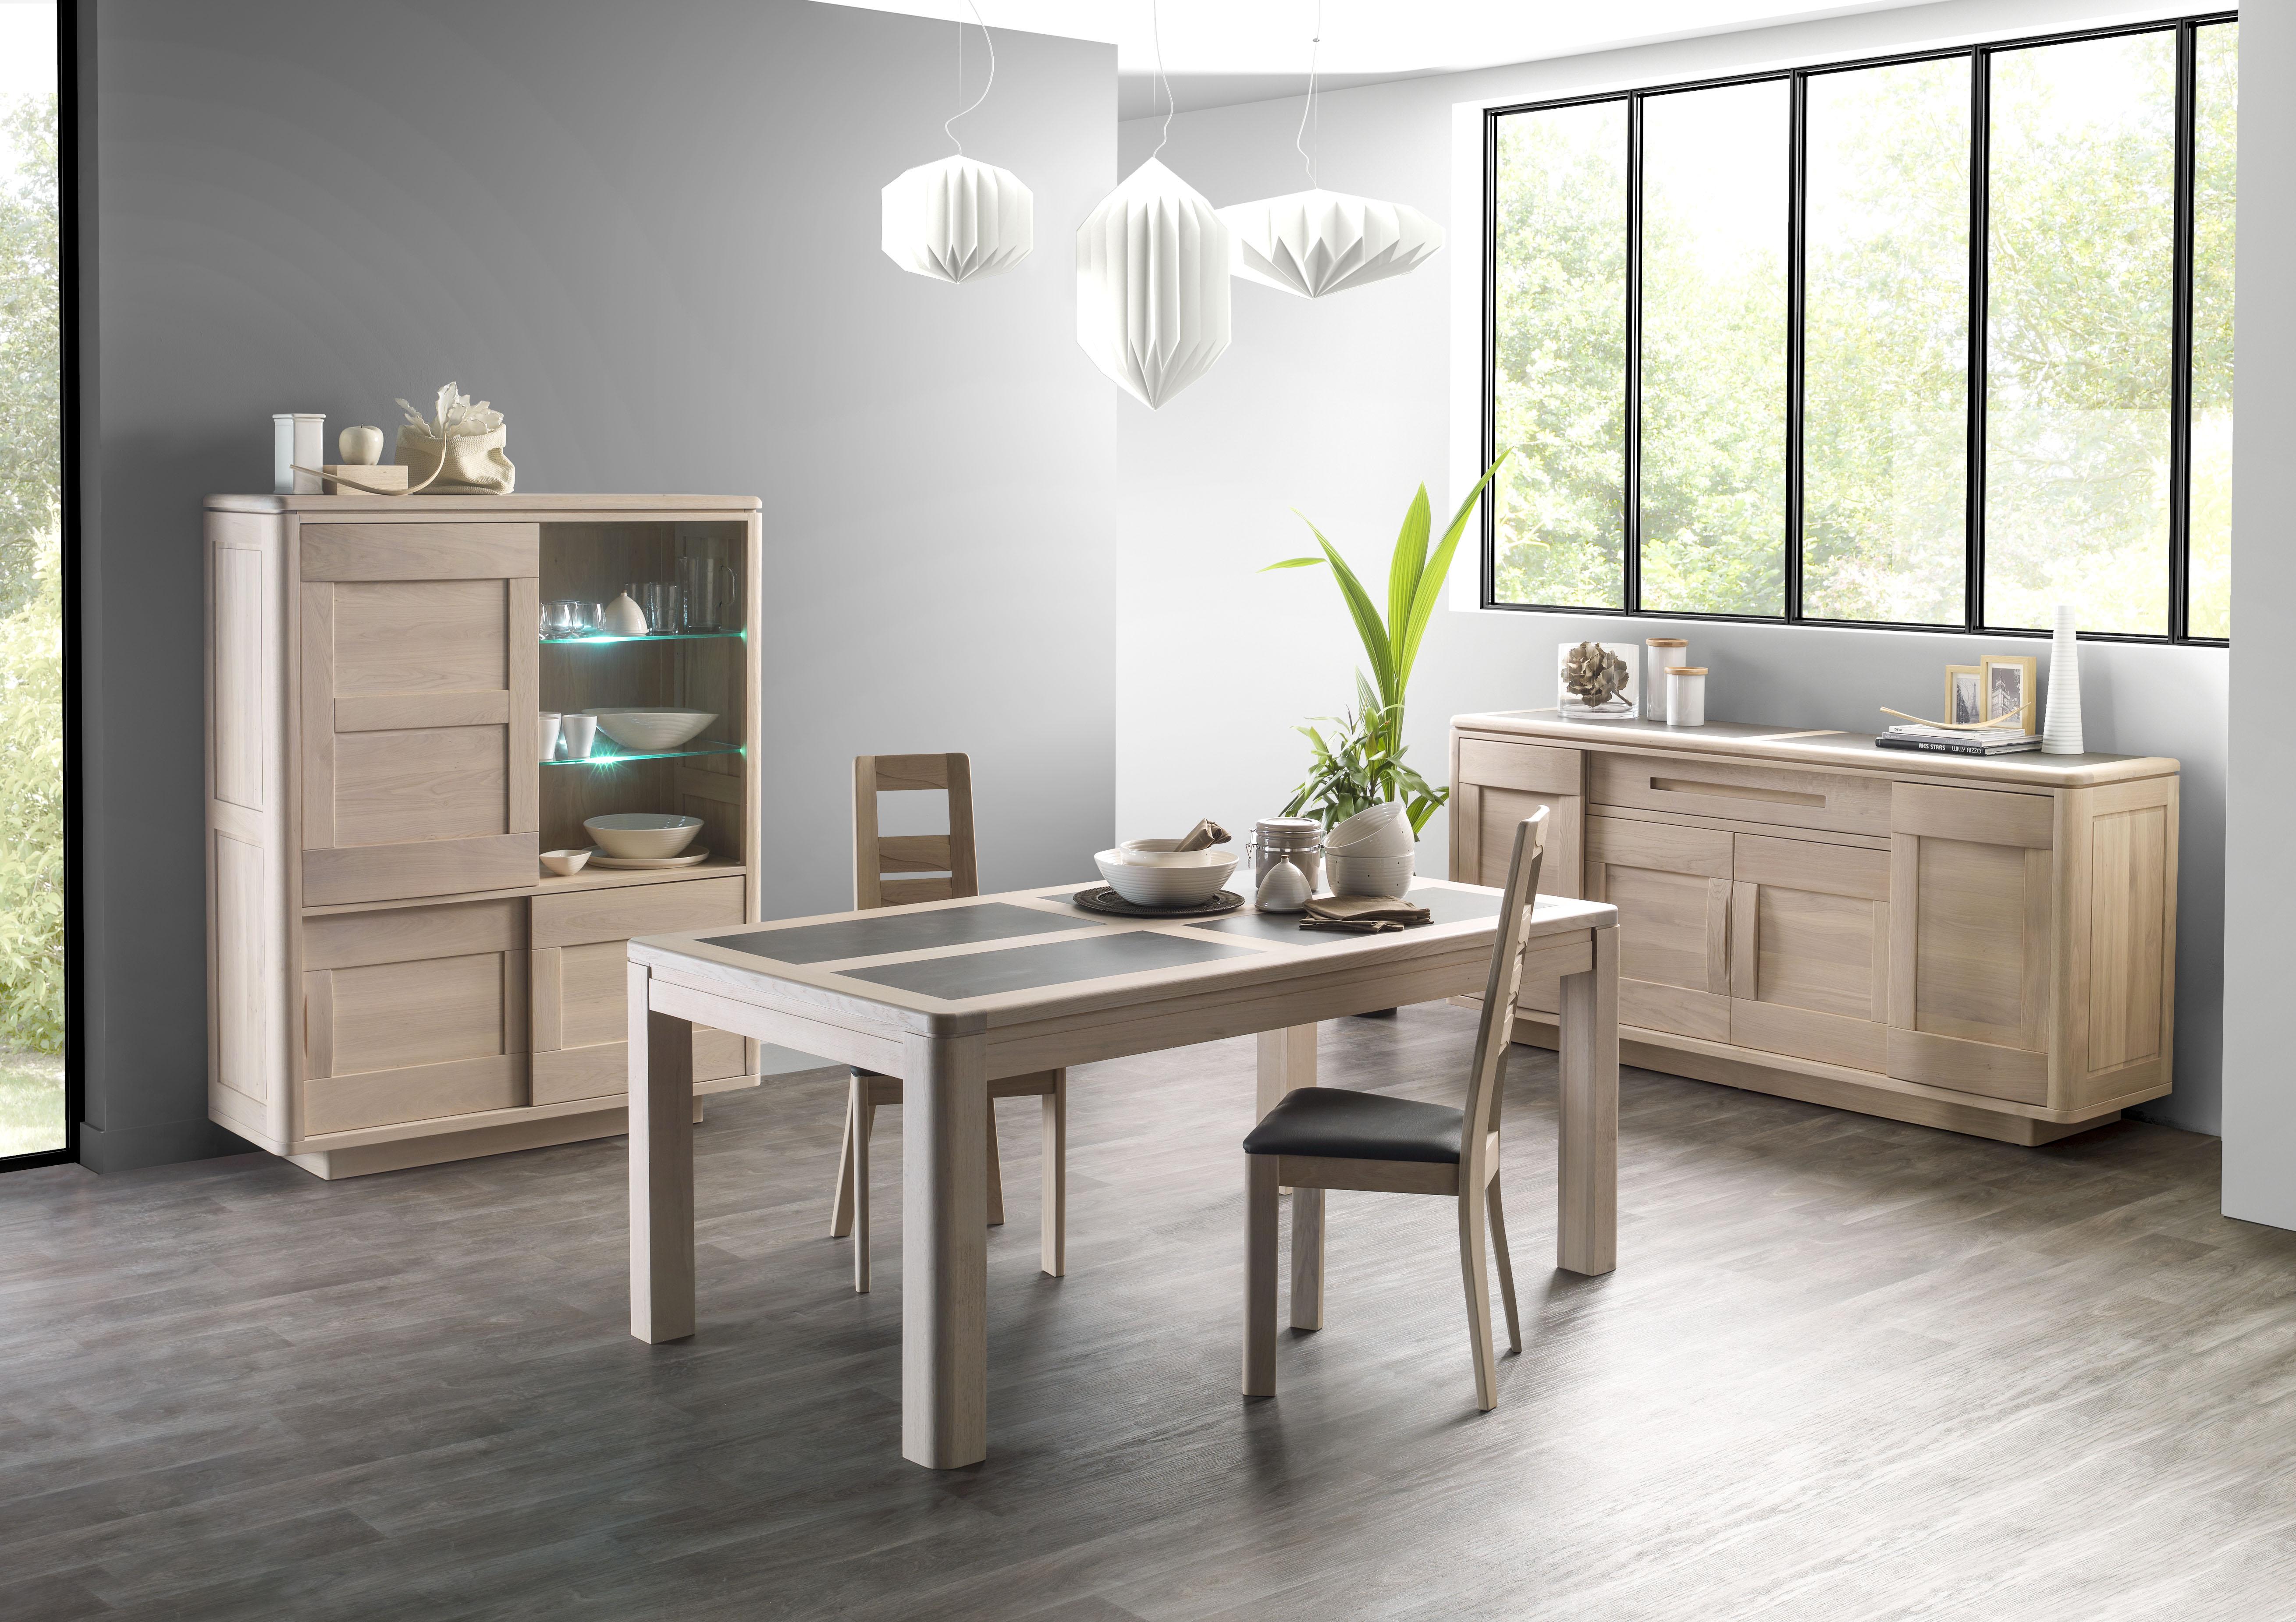 Ol ron meubles curve ol ron meubles - Forum mobilier de france ...